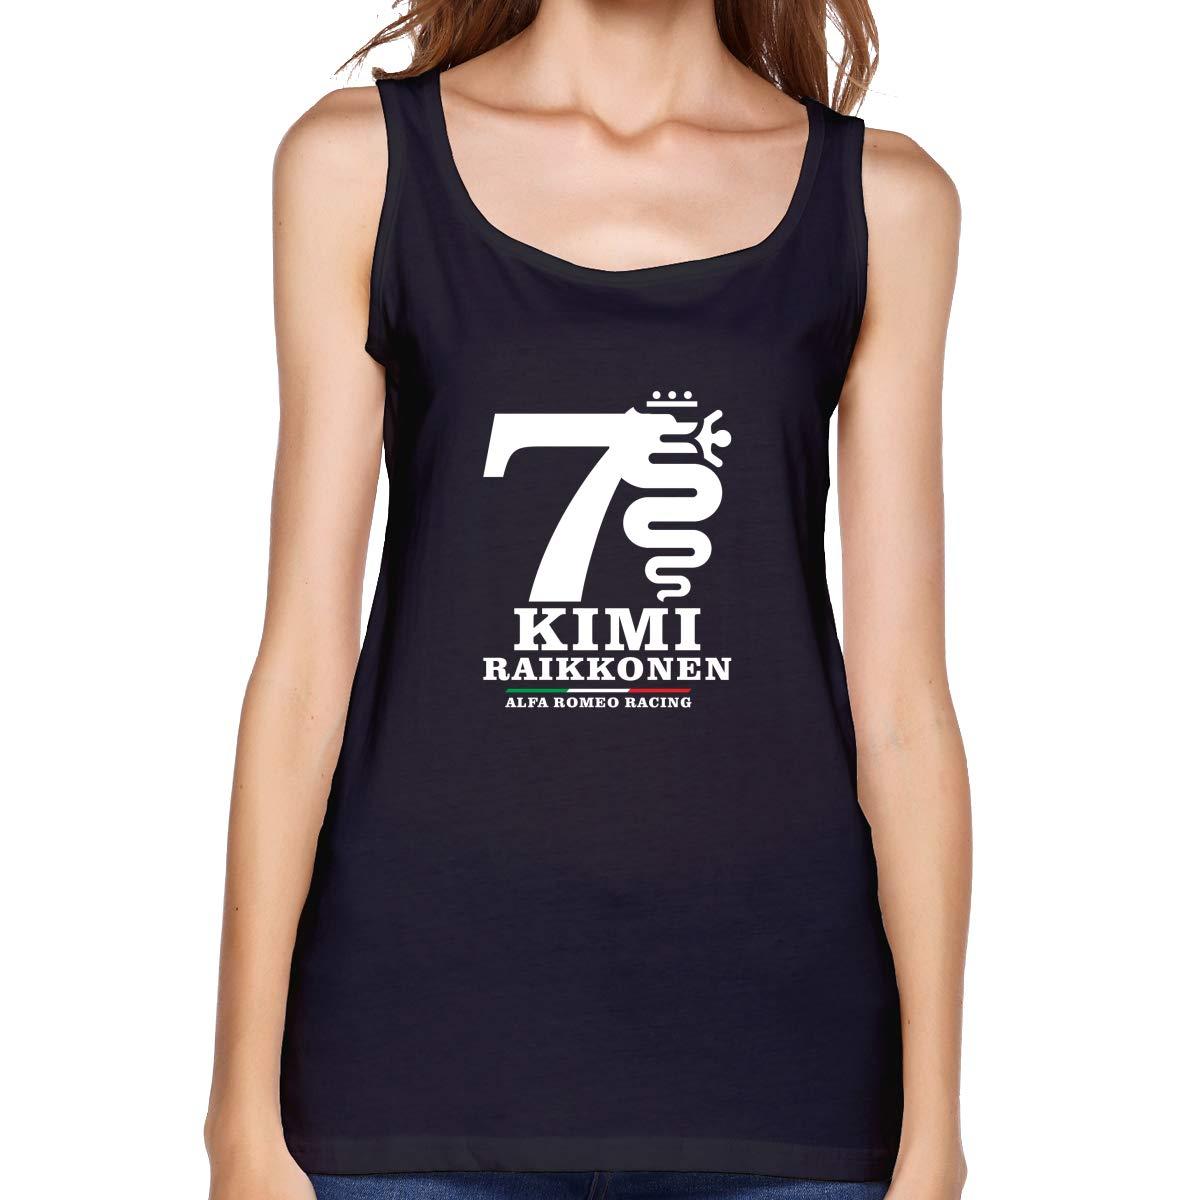 Kabashiji Kimi Rkonen Alfa Romeo Racing S Tank Top Sleeveless T Shirt 100 Bodybuilding Tsh